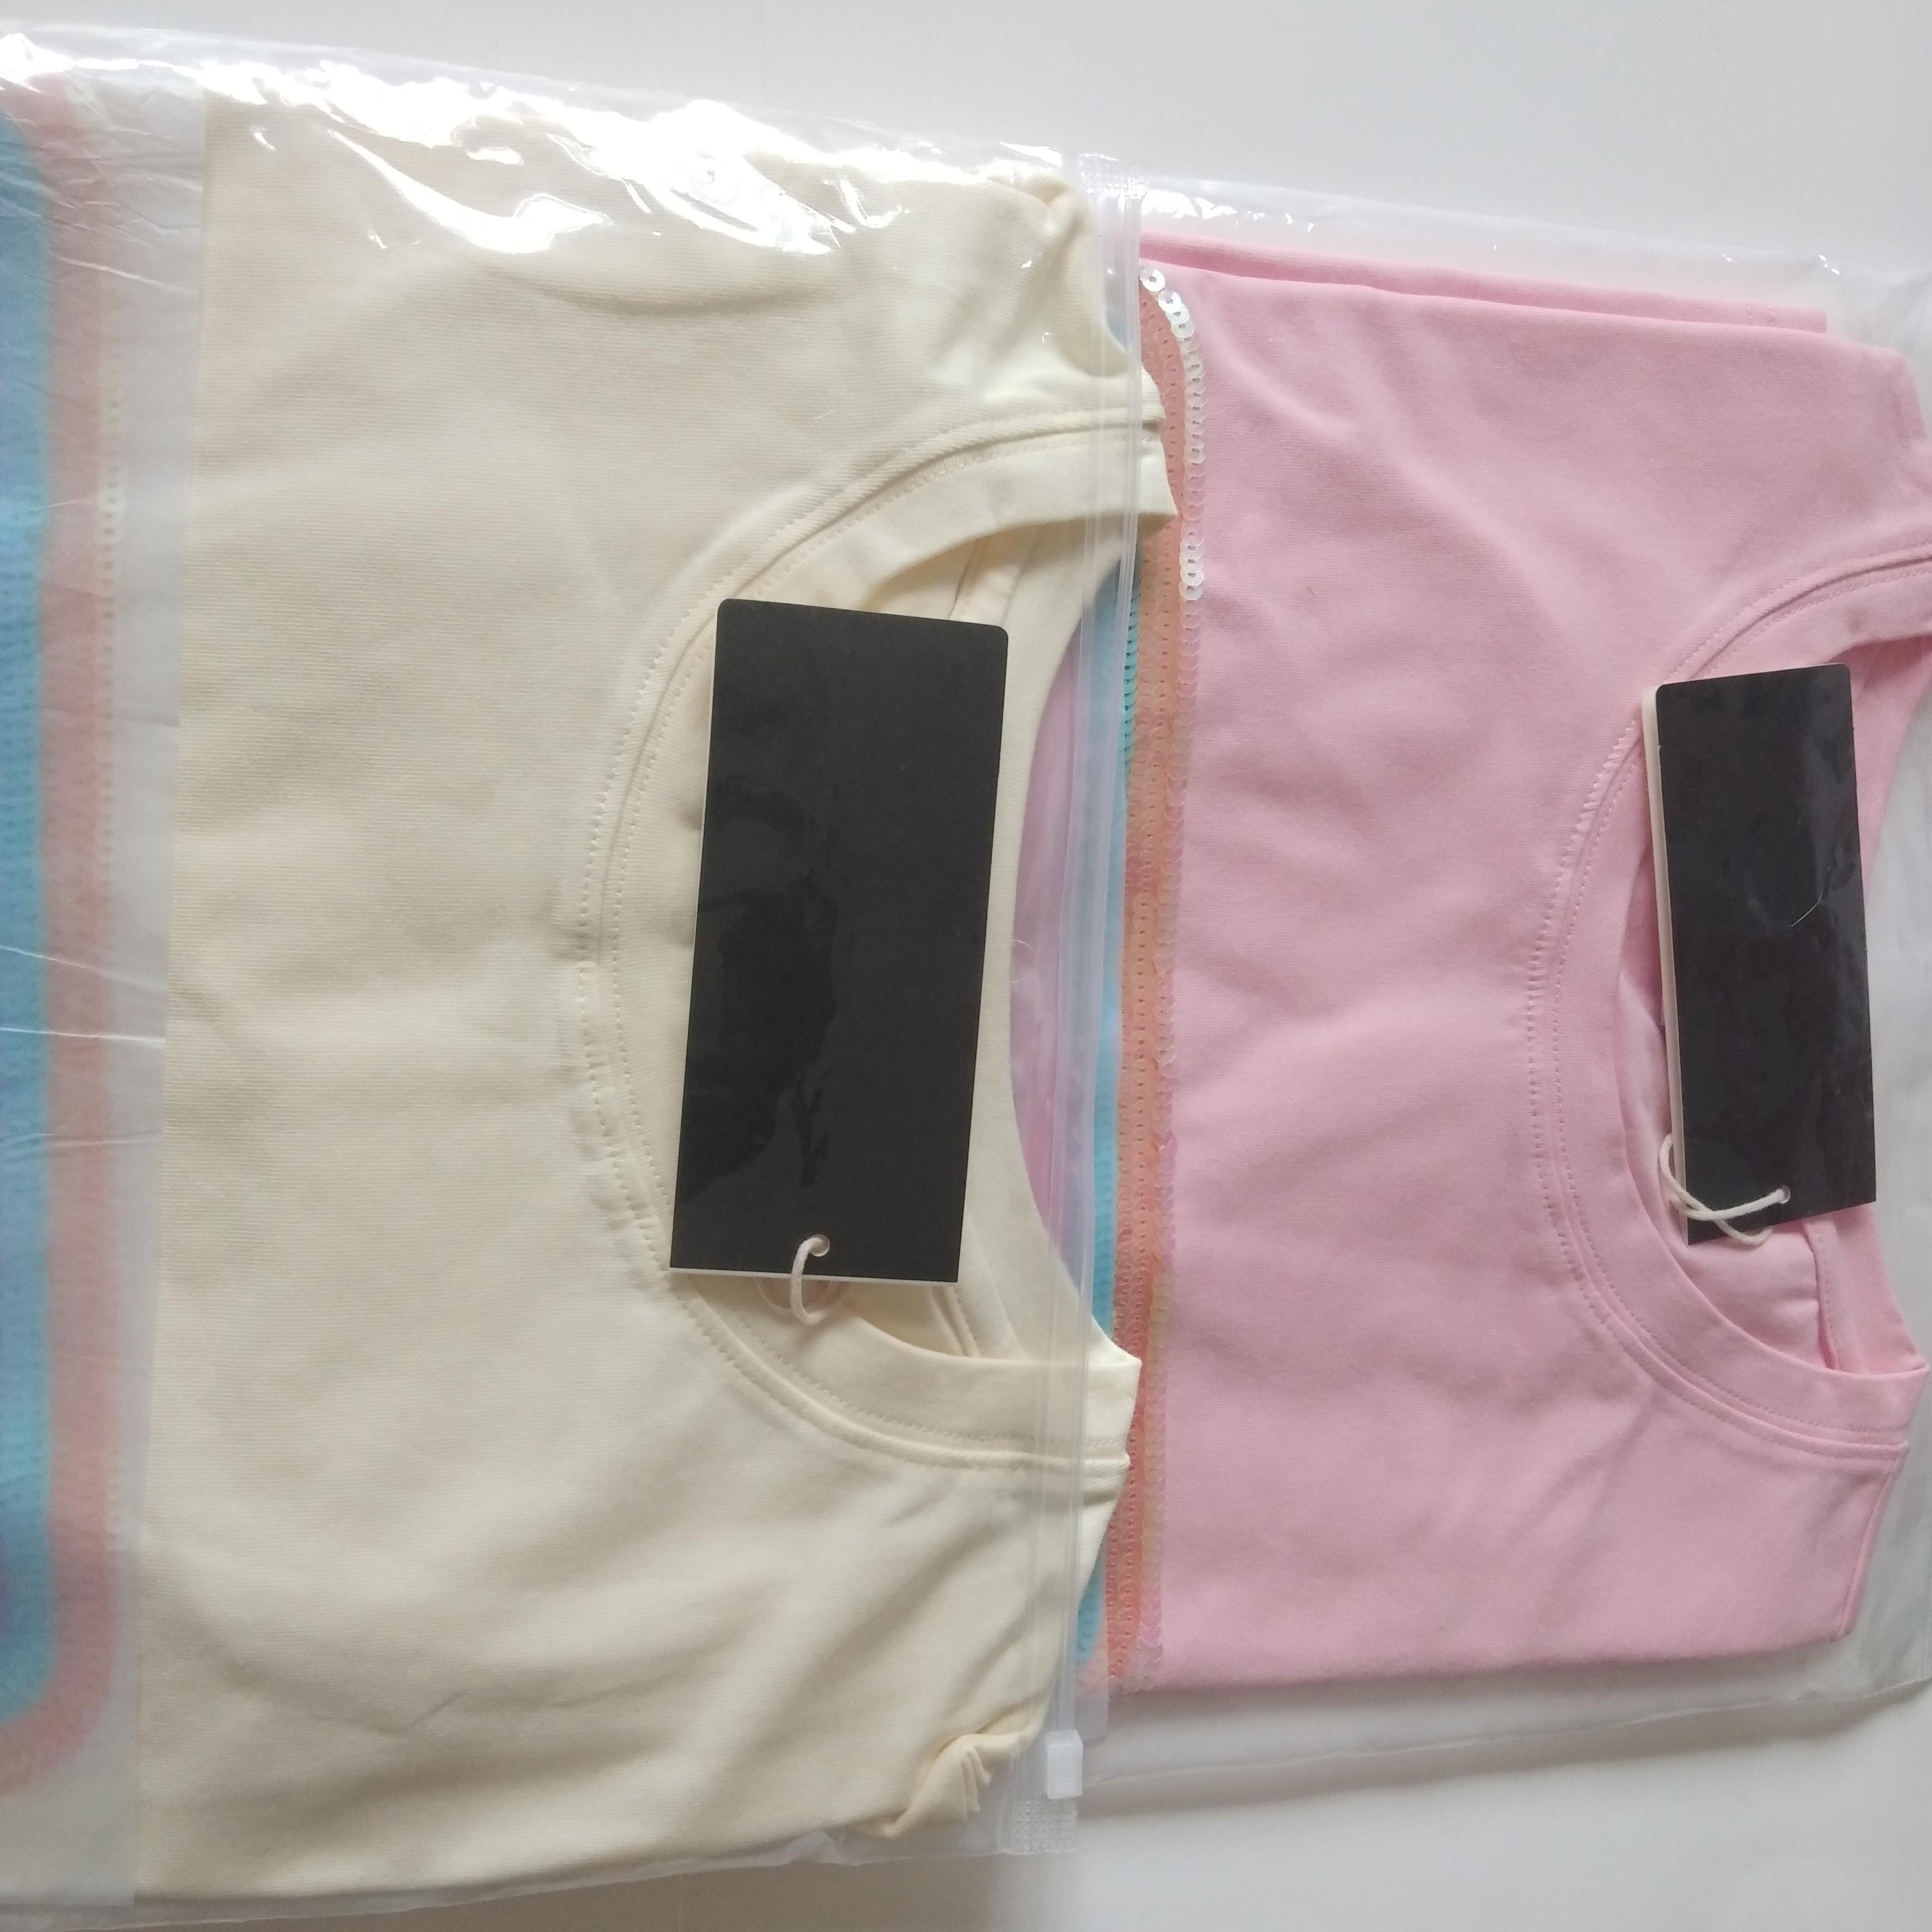 2020 Yeni Kadın lüks göğüs mektup parlak kısa kollu tişört moda tasarımcısı tişört gevşek kadın tişört ücretsiz kargo